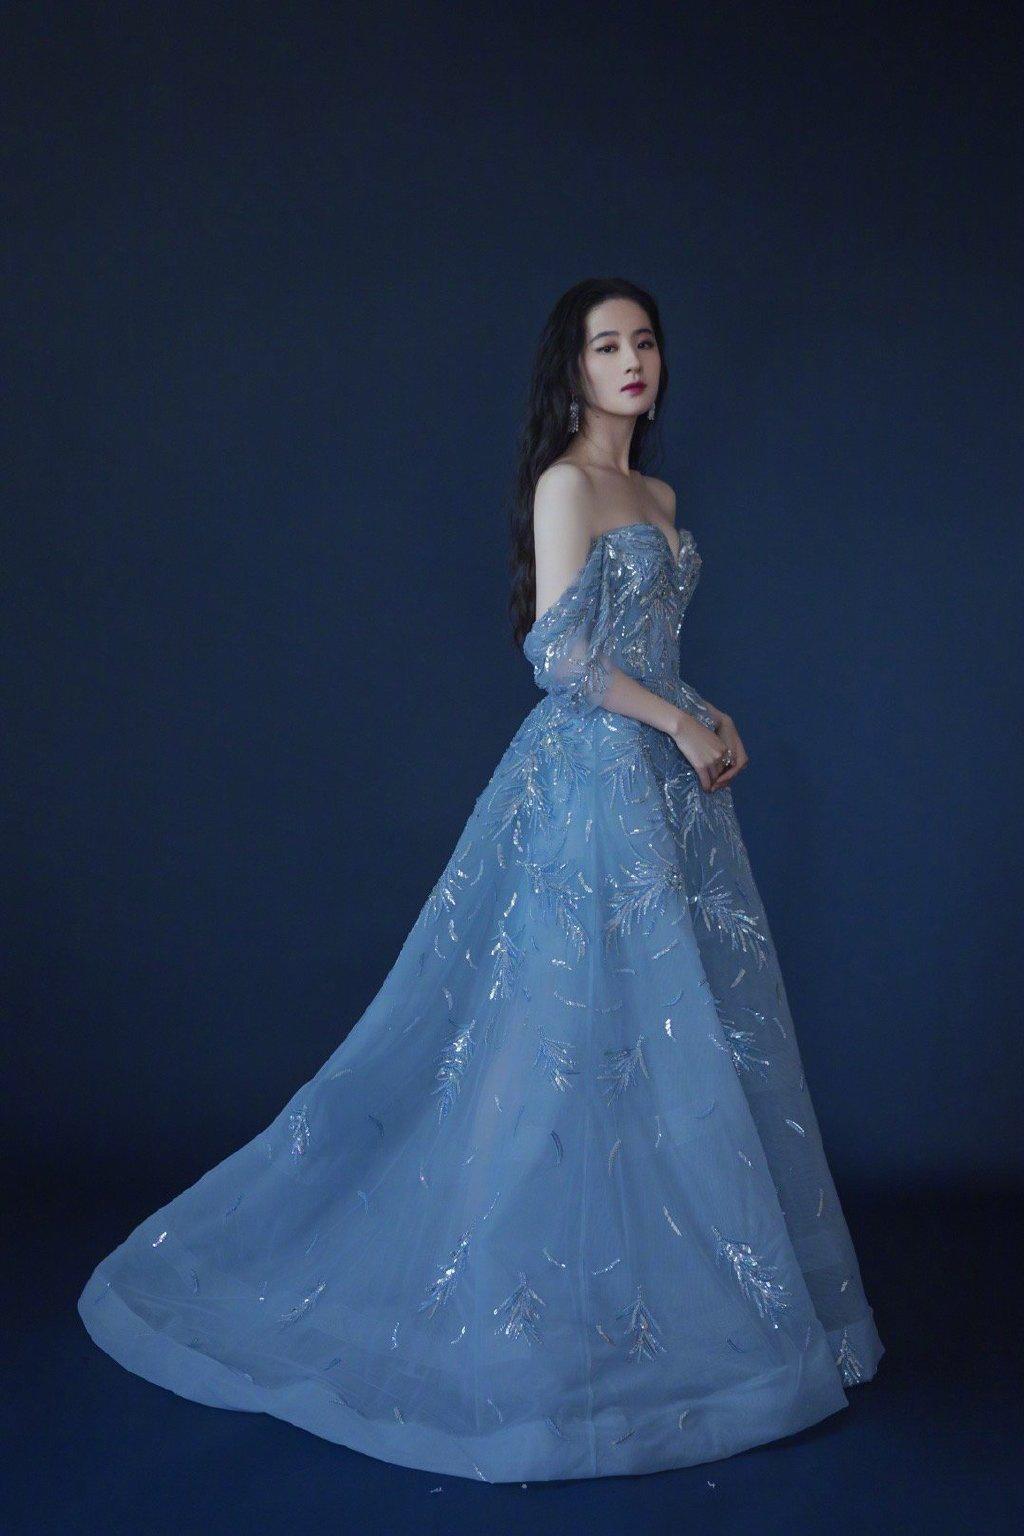 仙女本仙!劉亦菲穿淺藍色薄紗閃片禮裙一字肩優越